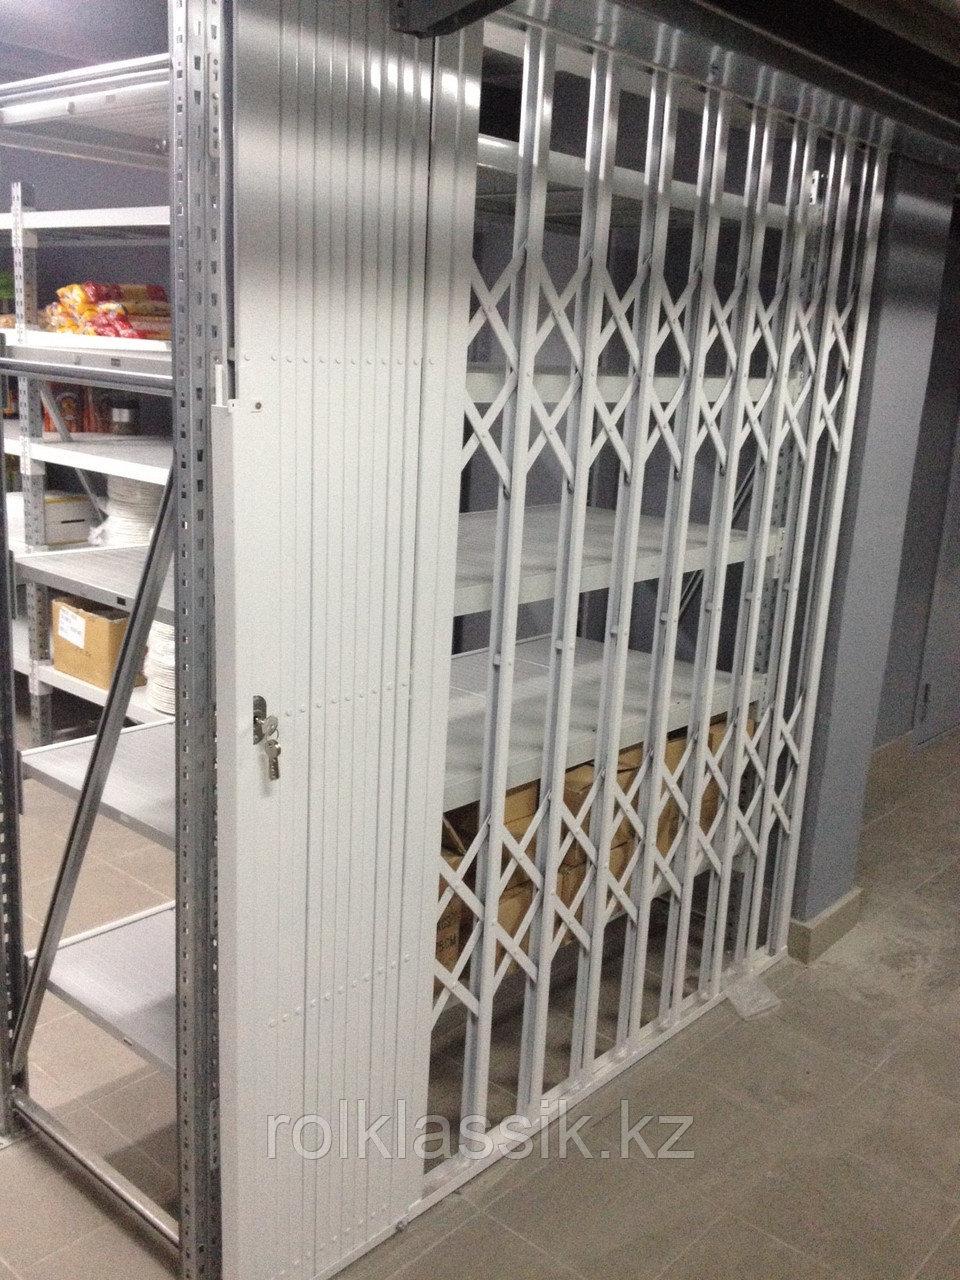 Ограждения для склада, складское оборудование